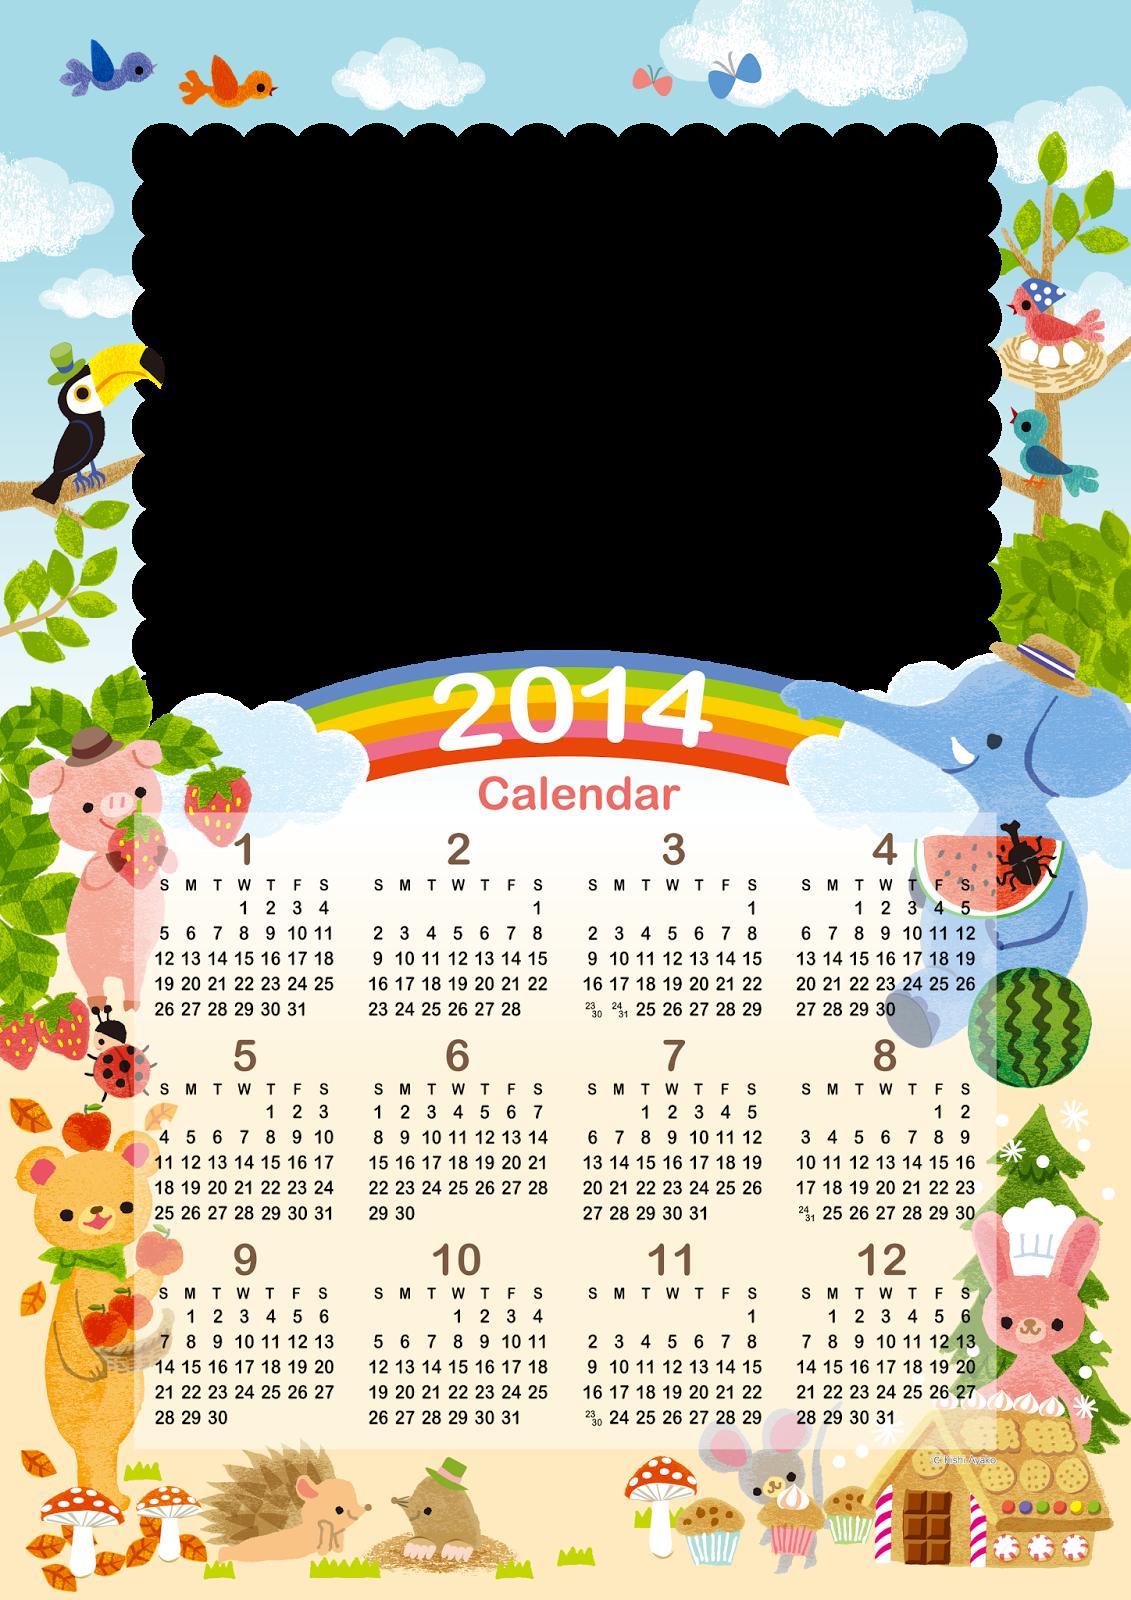 Bases Calendário 2014 para imprimir grátis